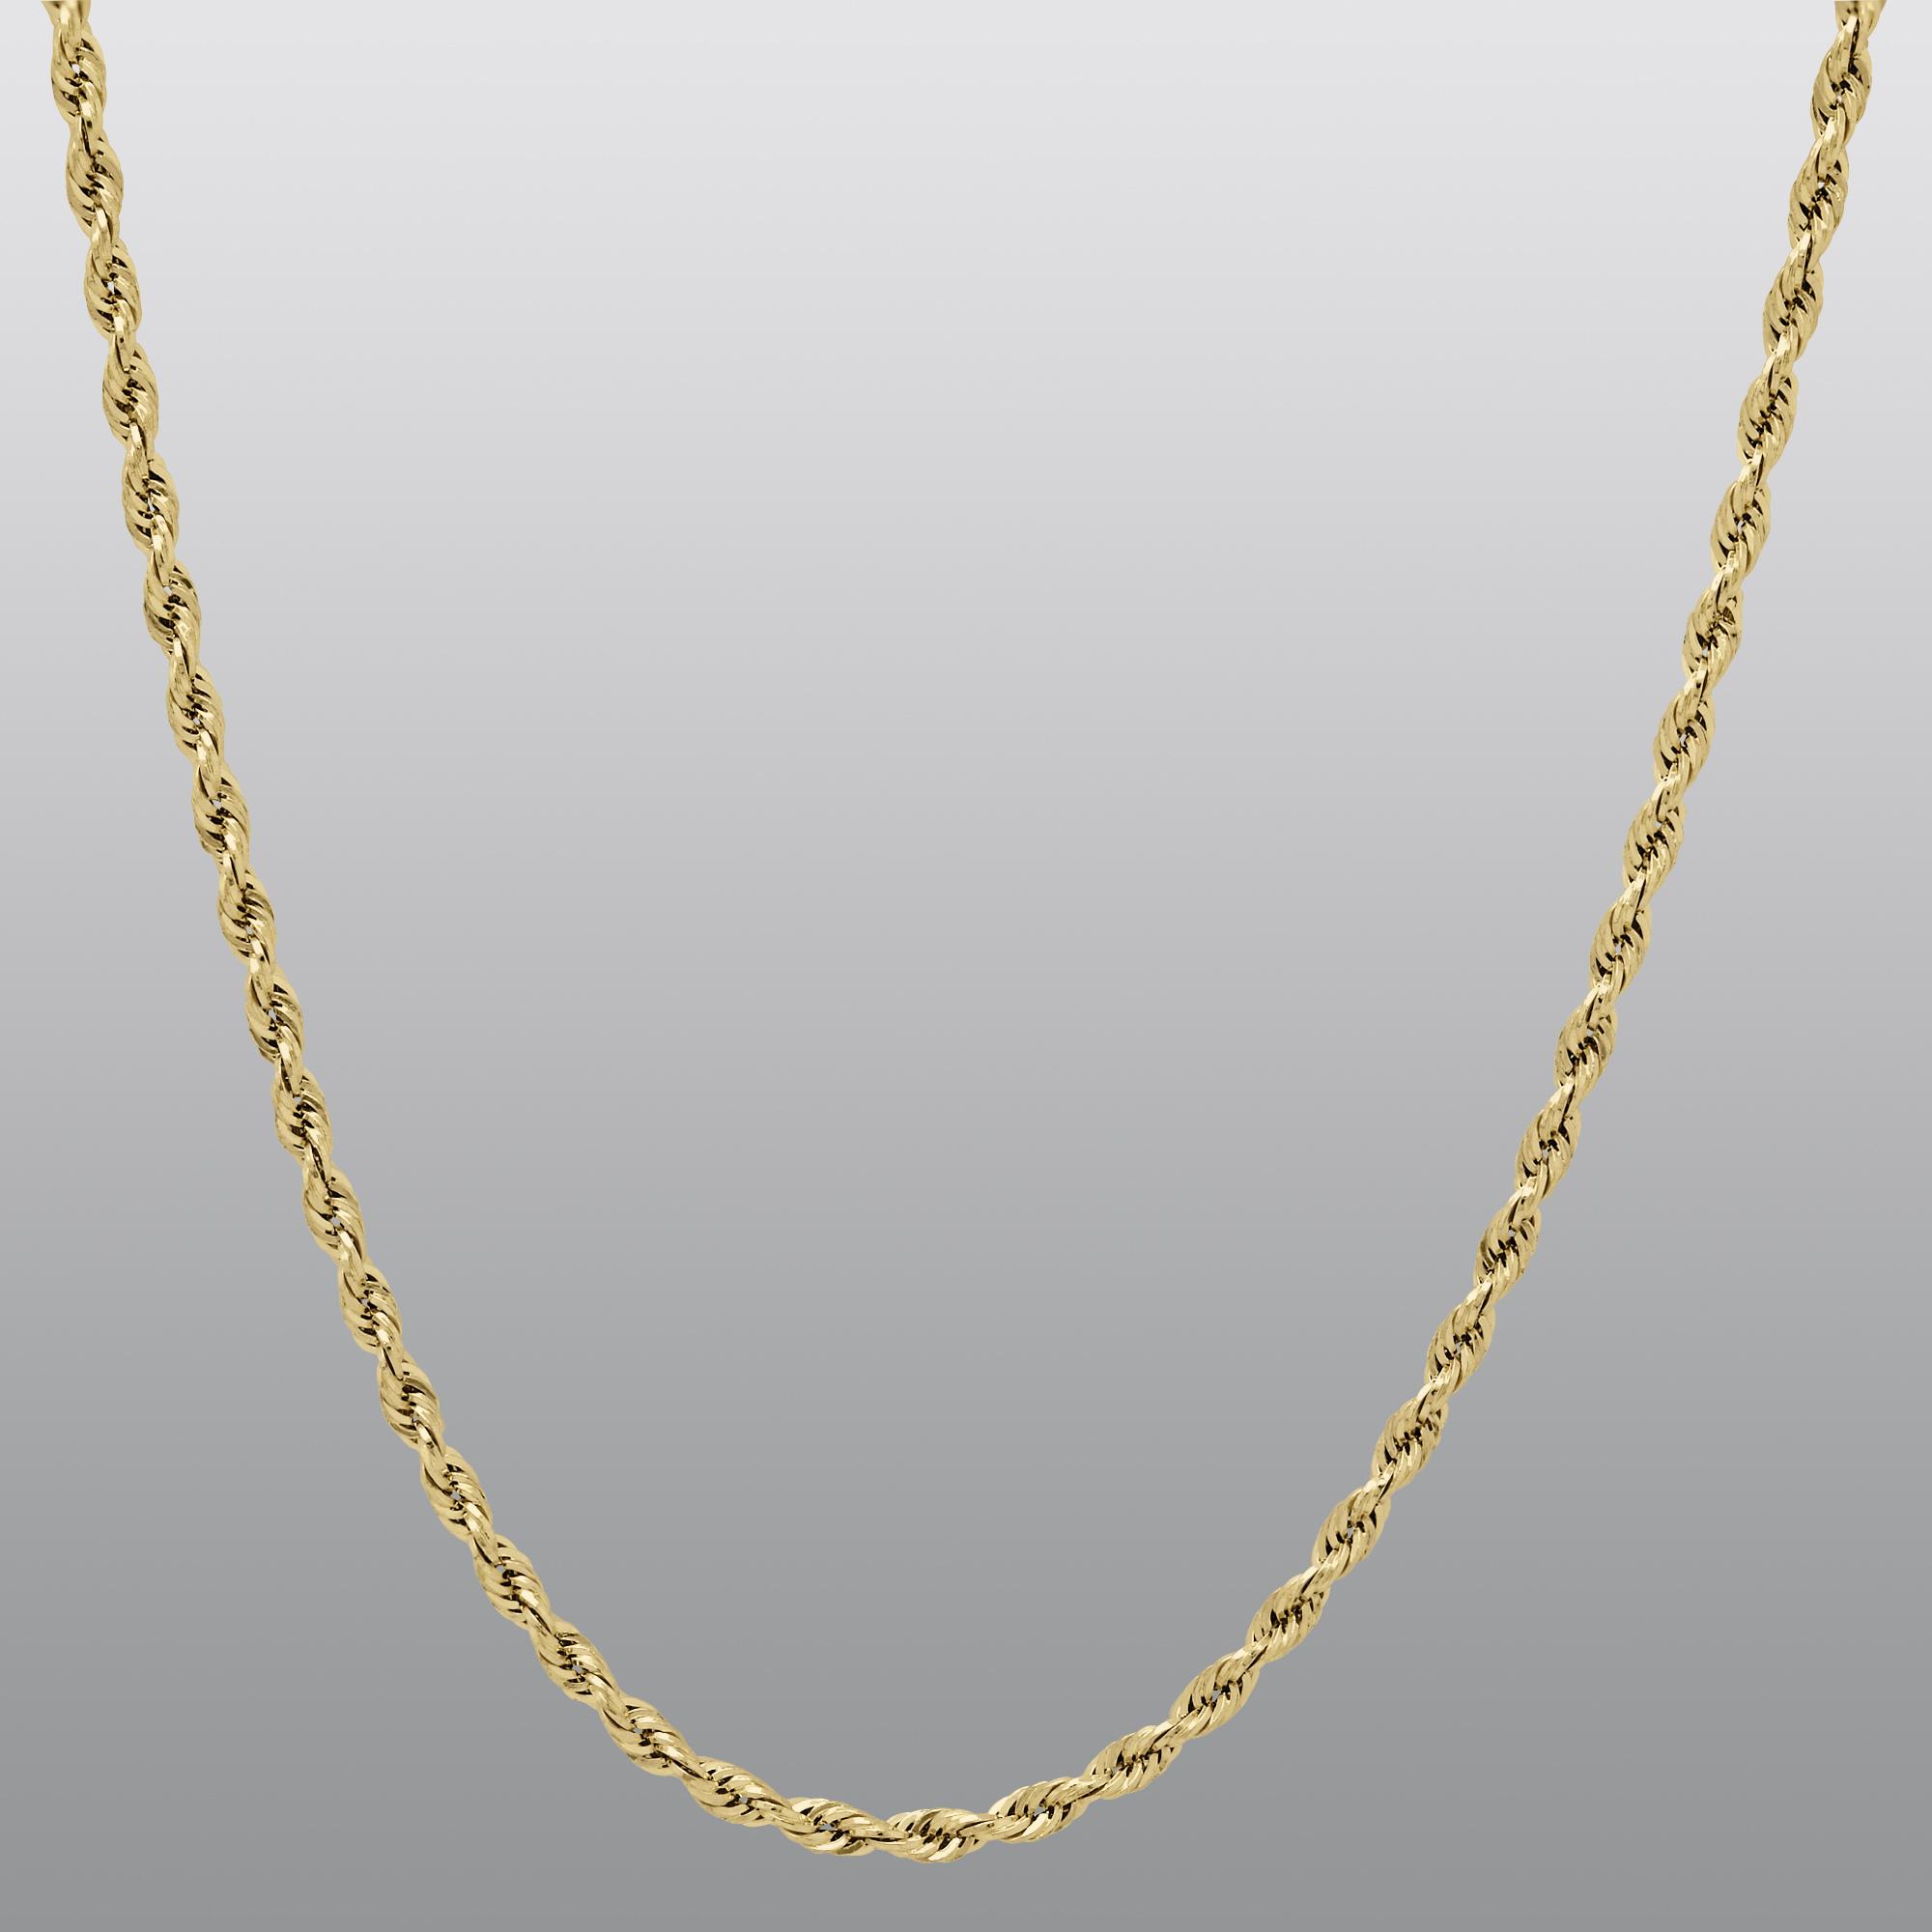 True Gold 14K 1.7M Glitter Rope Chain, 24